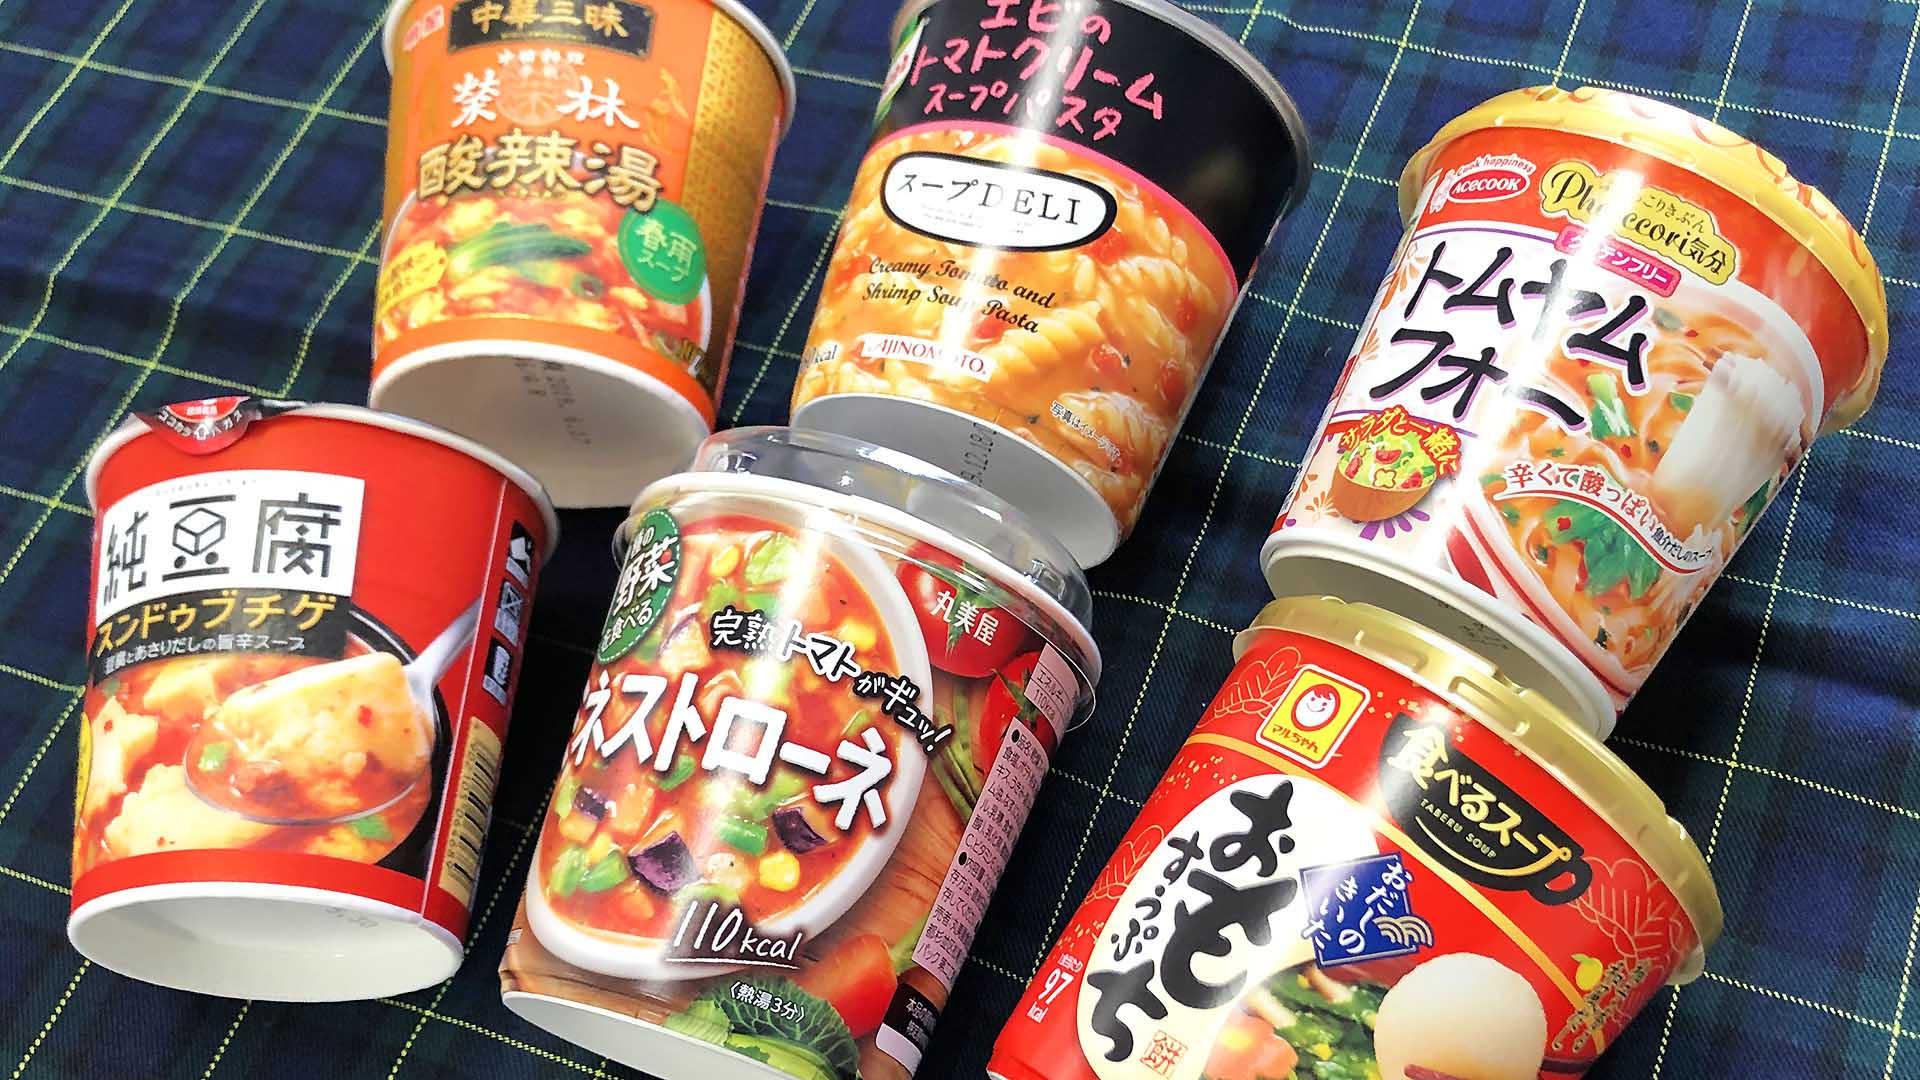 ダイエットの味方!日本の低カロリースープは多国籍なラインナップで味も本格的!